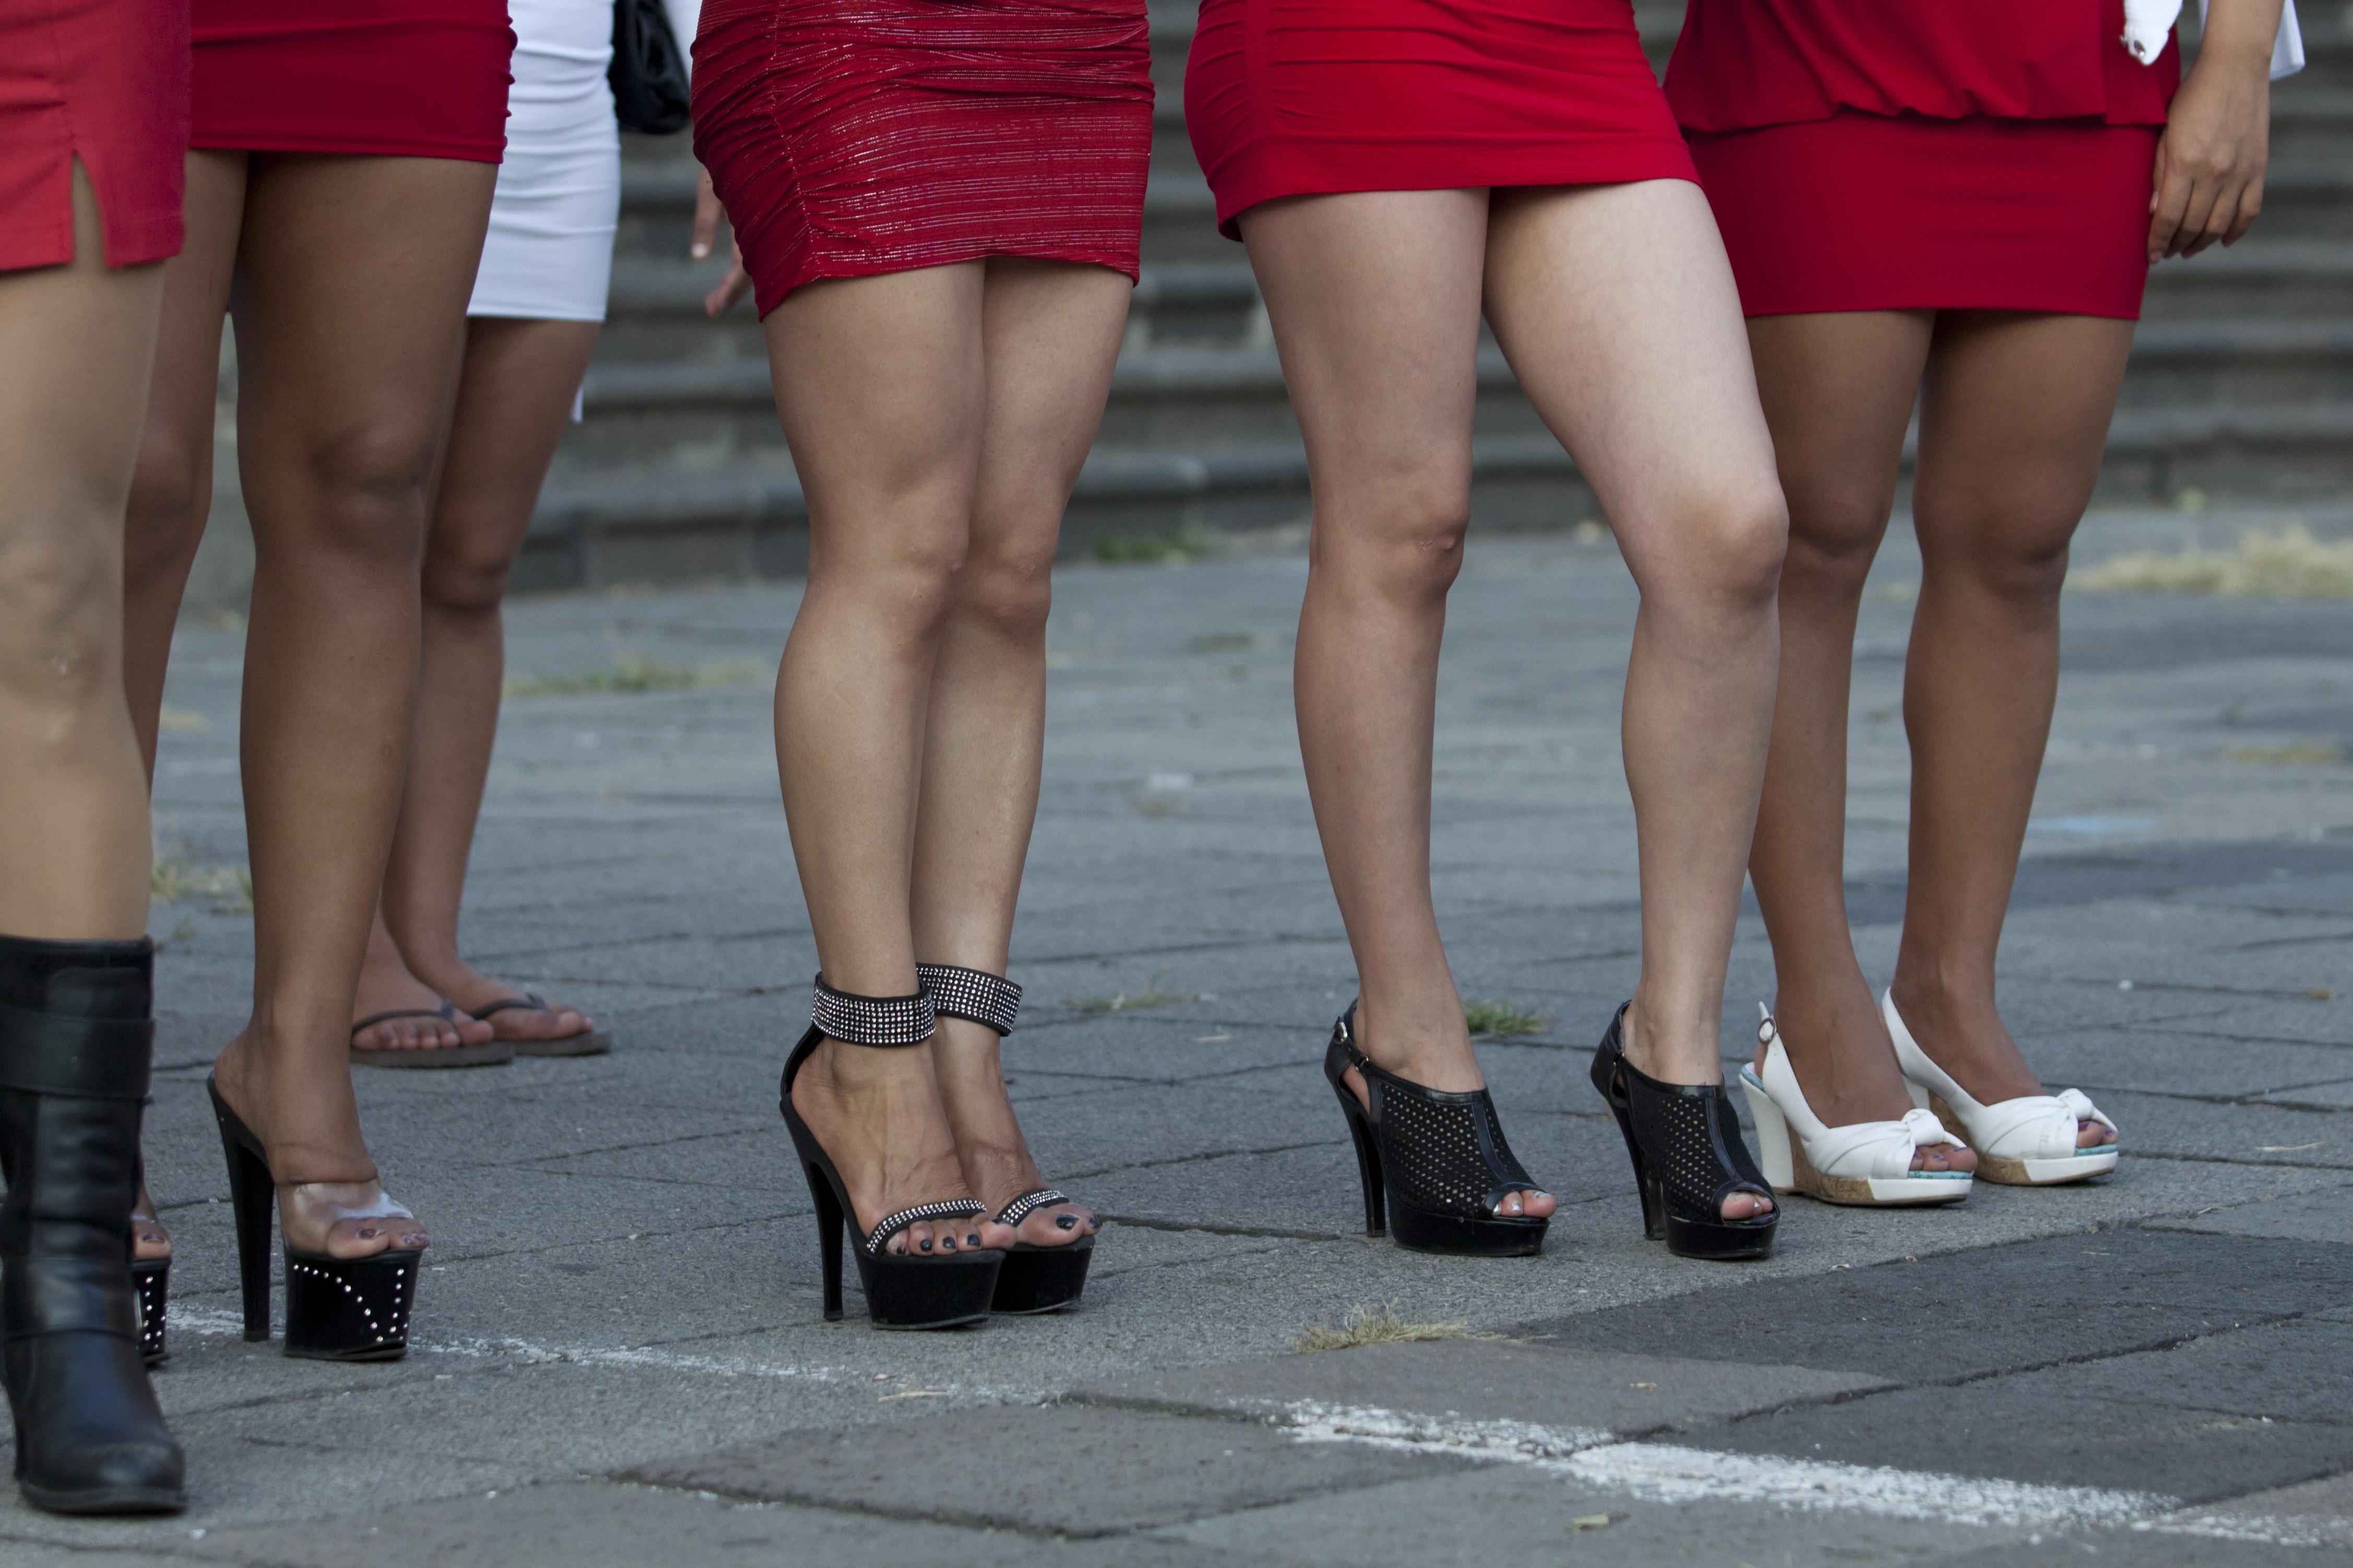 Buscan emplear a sexoservidoras con venta de cosméticos